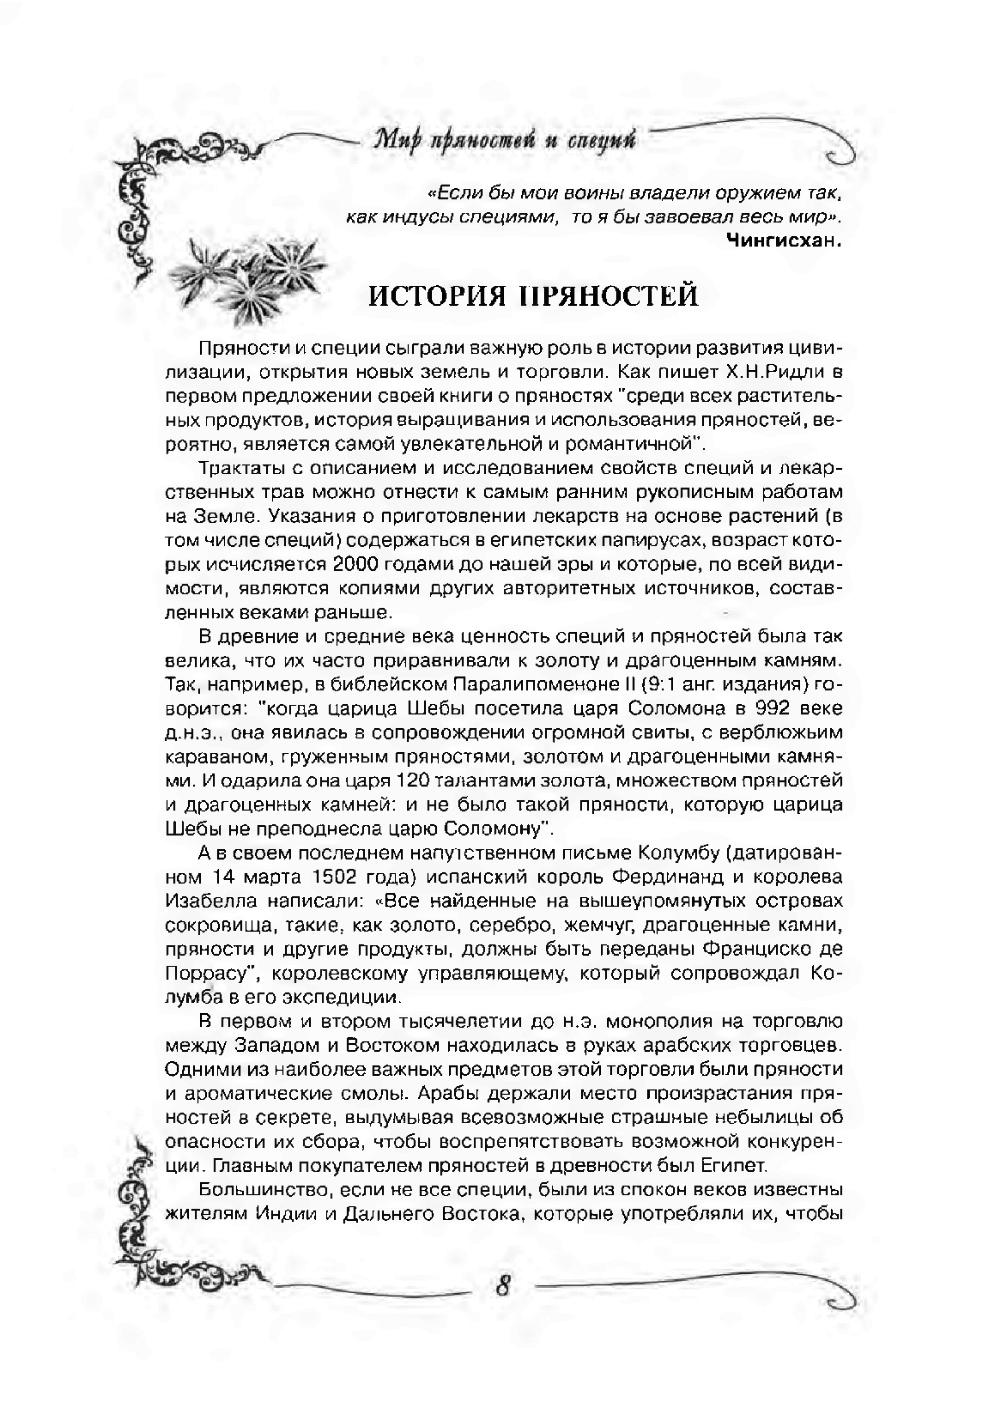 http://i2.imageban.ru/out/2014/02/17/f46516220f86fedb1d01fdad29dff158.jpg